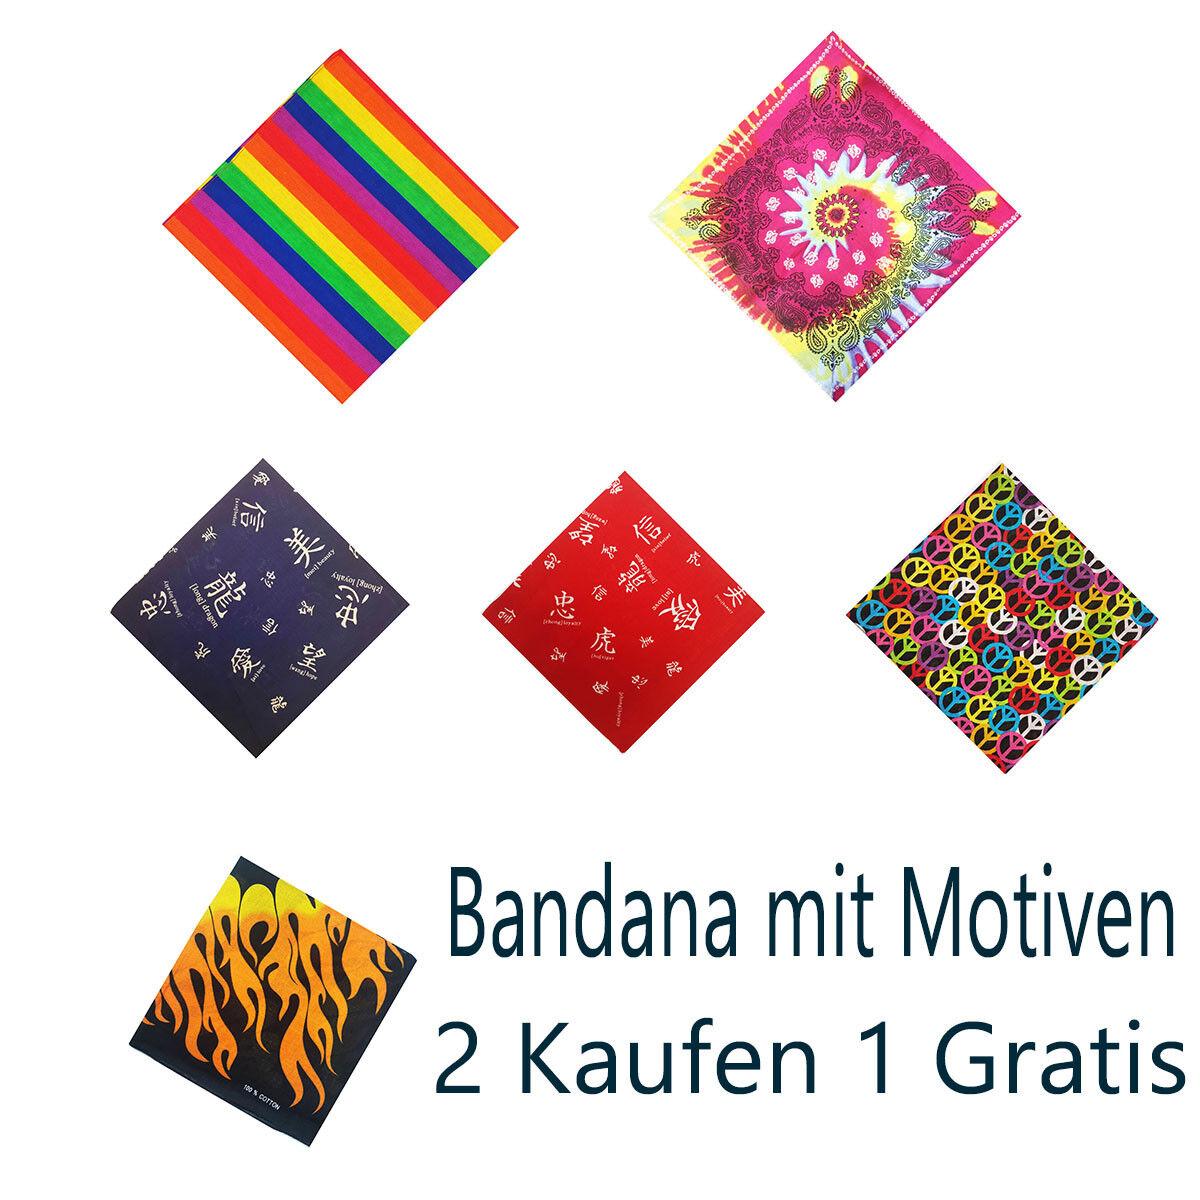 Bandana schöne Motiven Bunt Handtuch Bikertuch Motorradtuch 2 Kaufen 1 Gratis